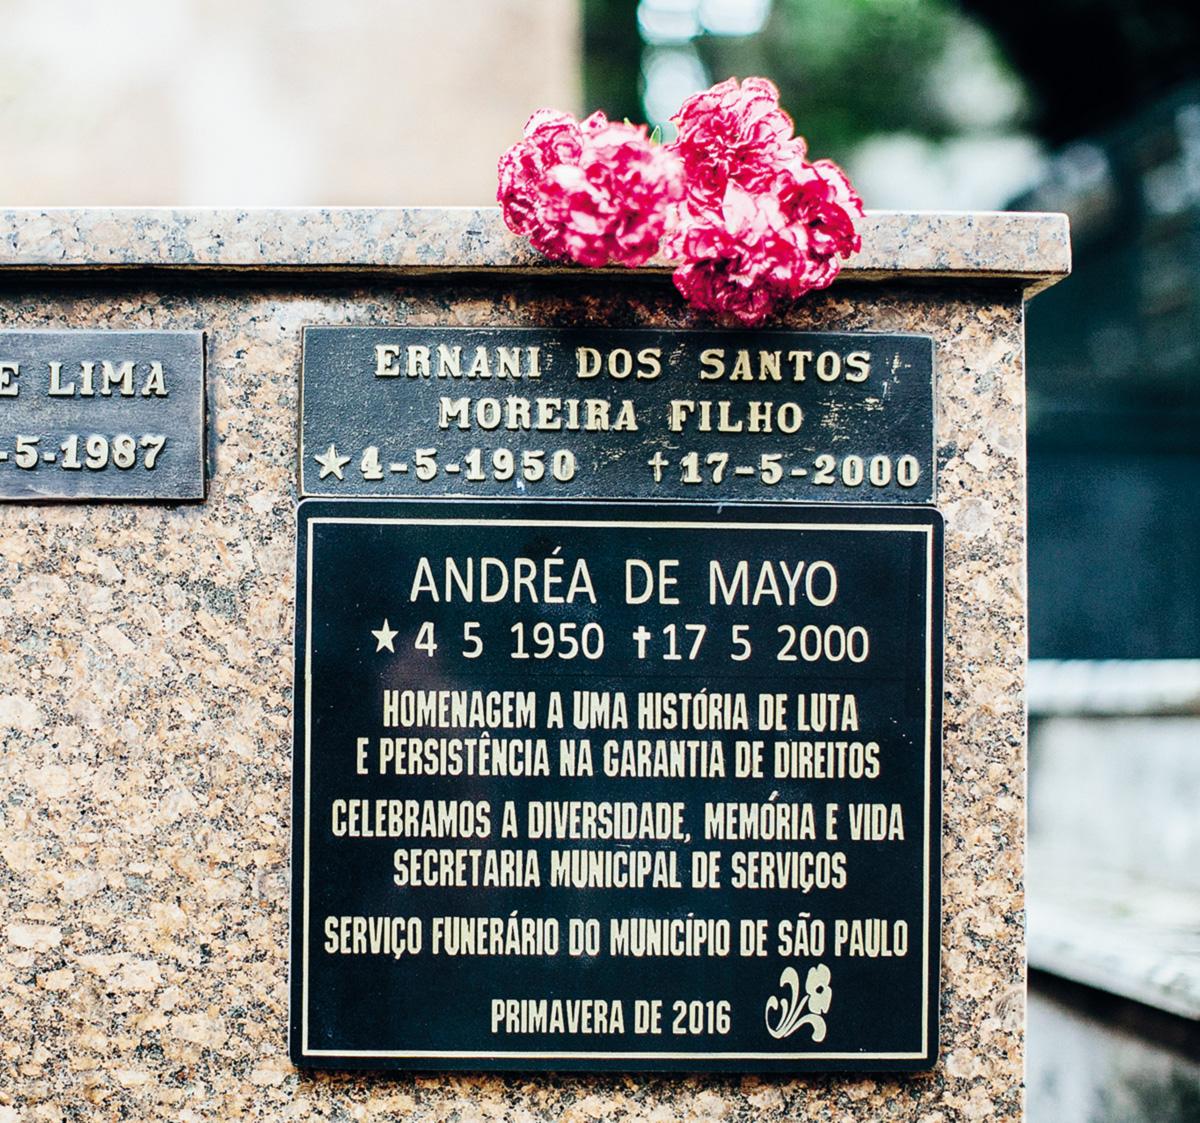 Antes de se transformar em Andréa, Ernani lavou carros, engraxou sapatos e morou na rua